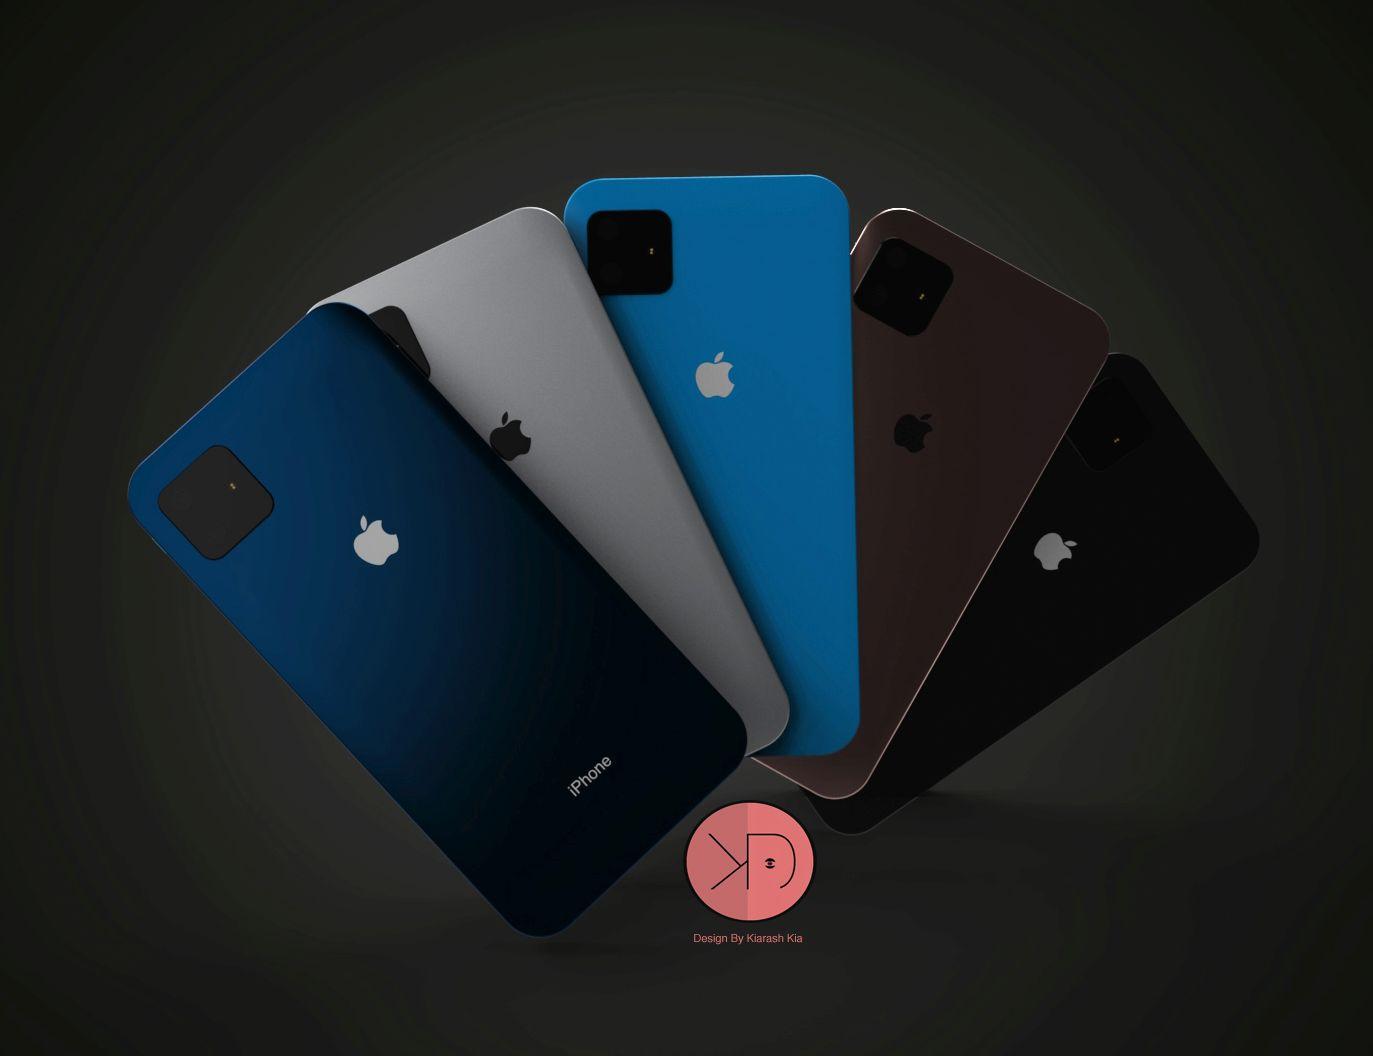 Sforum - Trang thông tin công nghệ mới nhất iPhone-SE-2-concept-Kiarash-Kia-design-3 Concept iPhone SE 2 mới, đẹp sang trọng